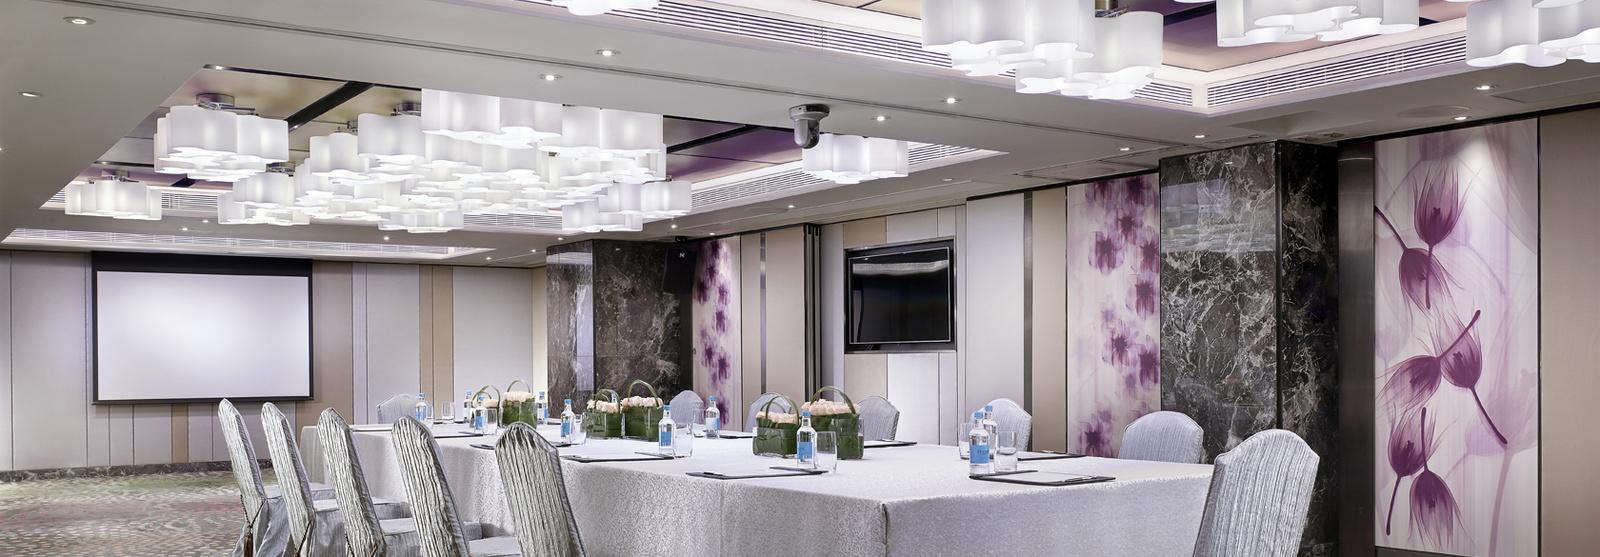 Meeting Rooms In Tsim Sha Tsui Event Venue At Royal Garden Hotel Hong Kong